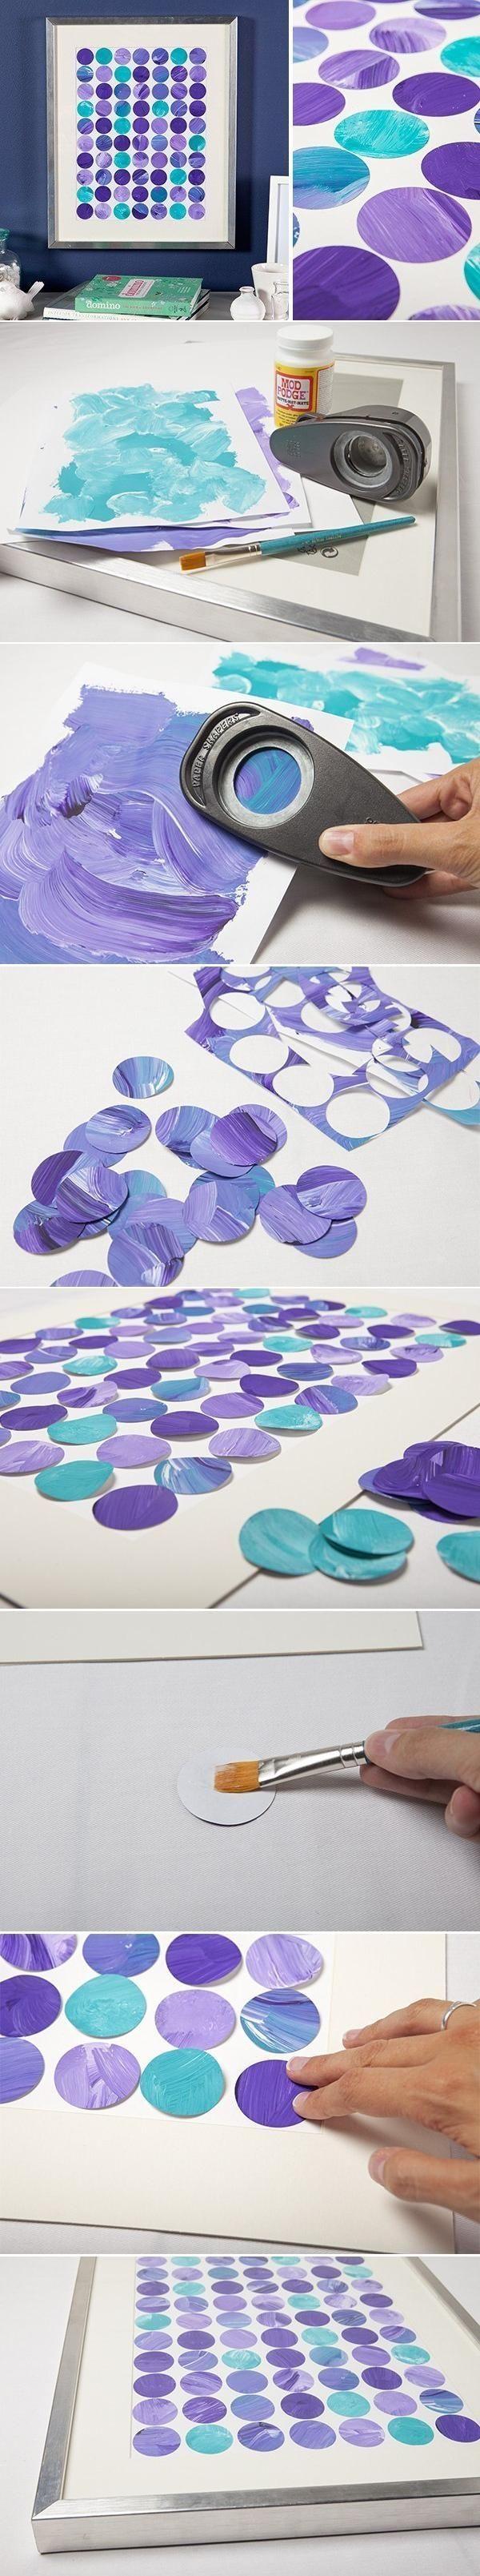 Reciclados e ideas paso a paso en imagenes. | Reciclado, Cuadro y ...